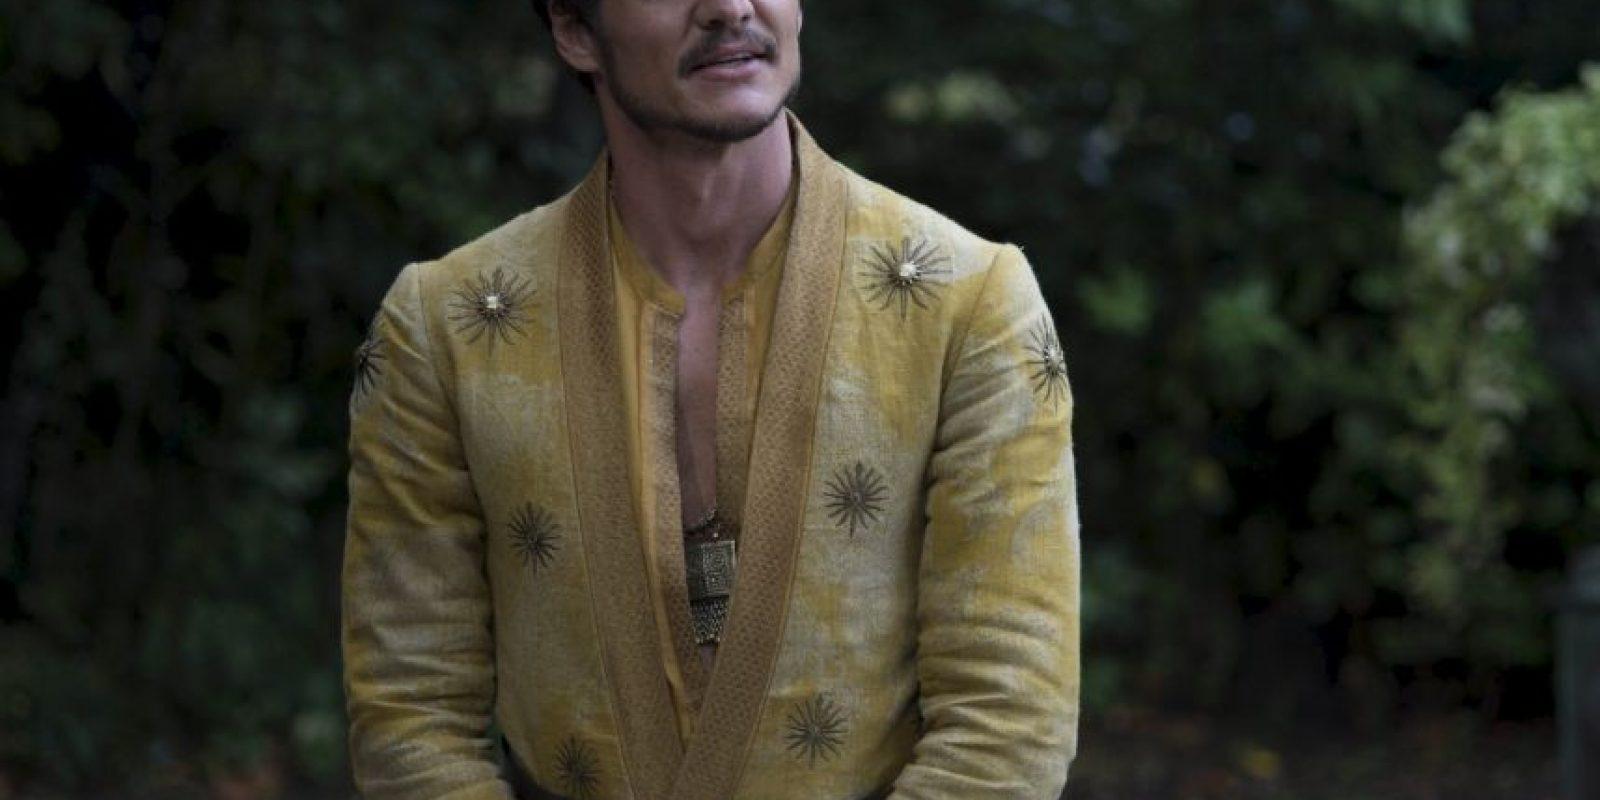 Por ahora, ni el actor ni Headey han dicho algo al respecto Foto:HBO